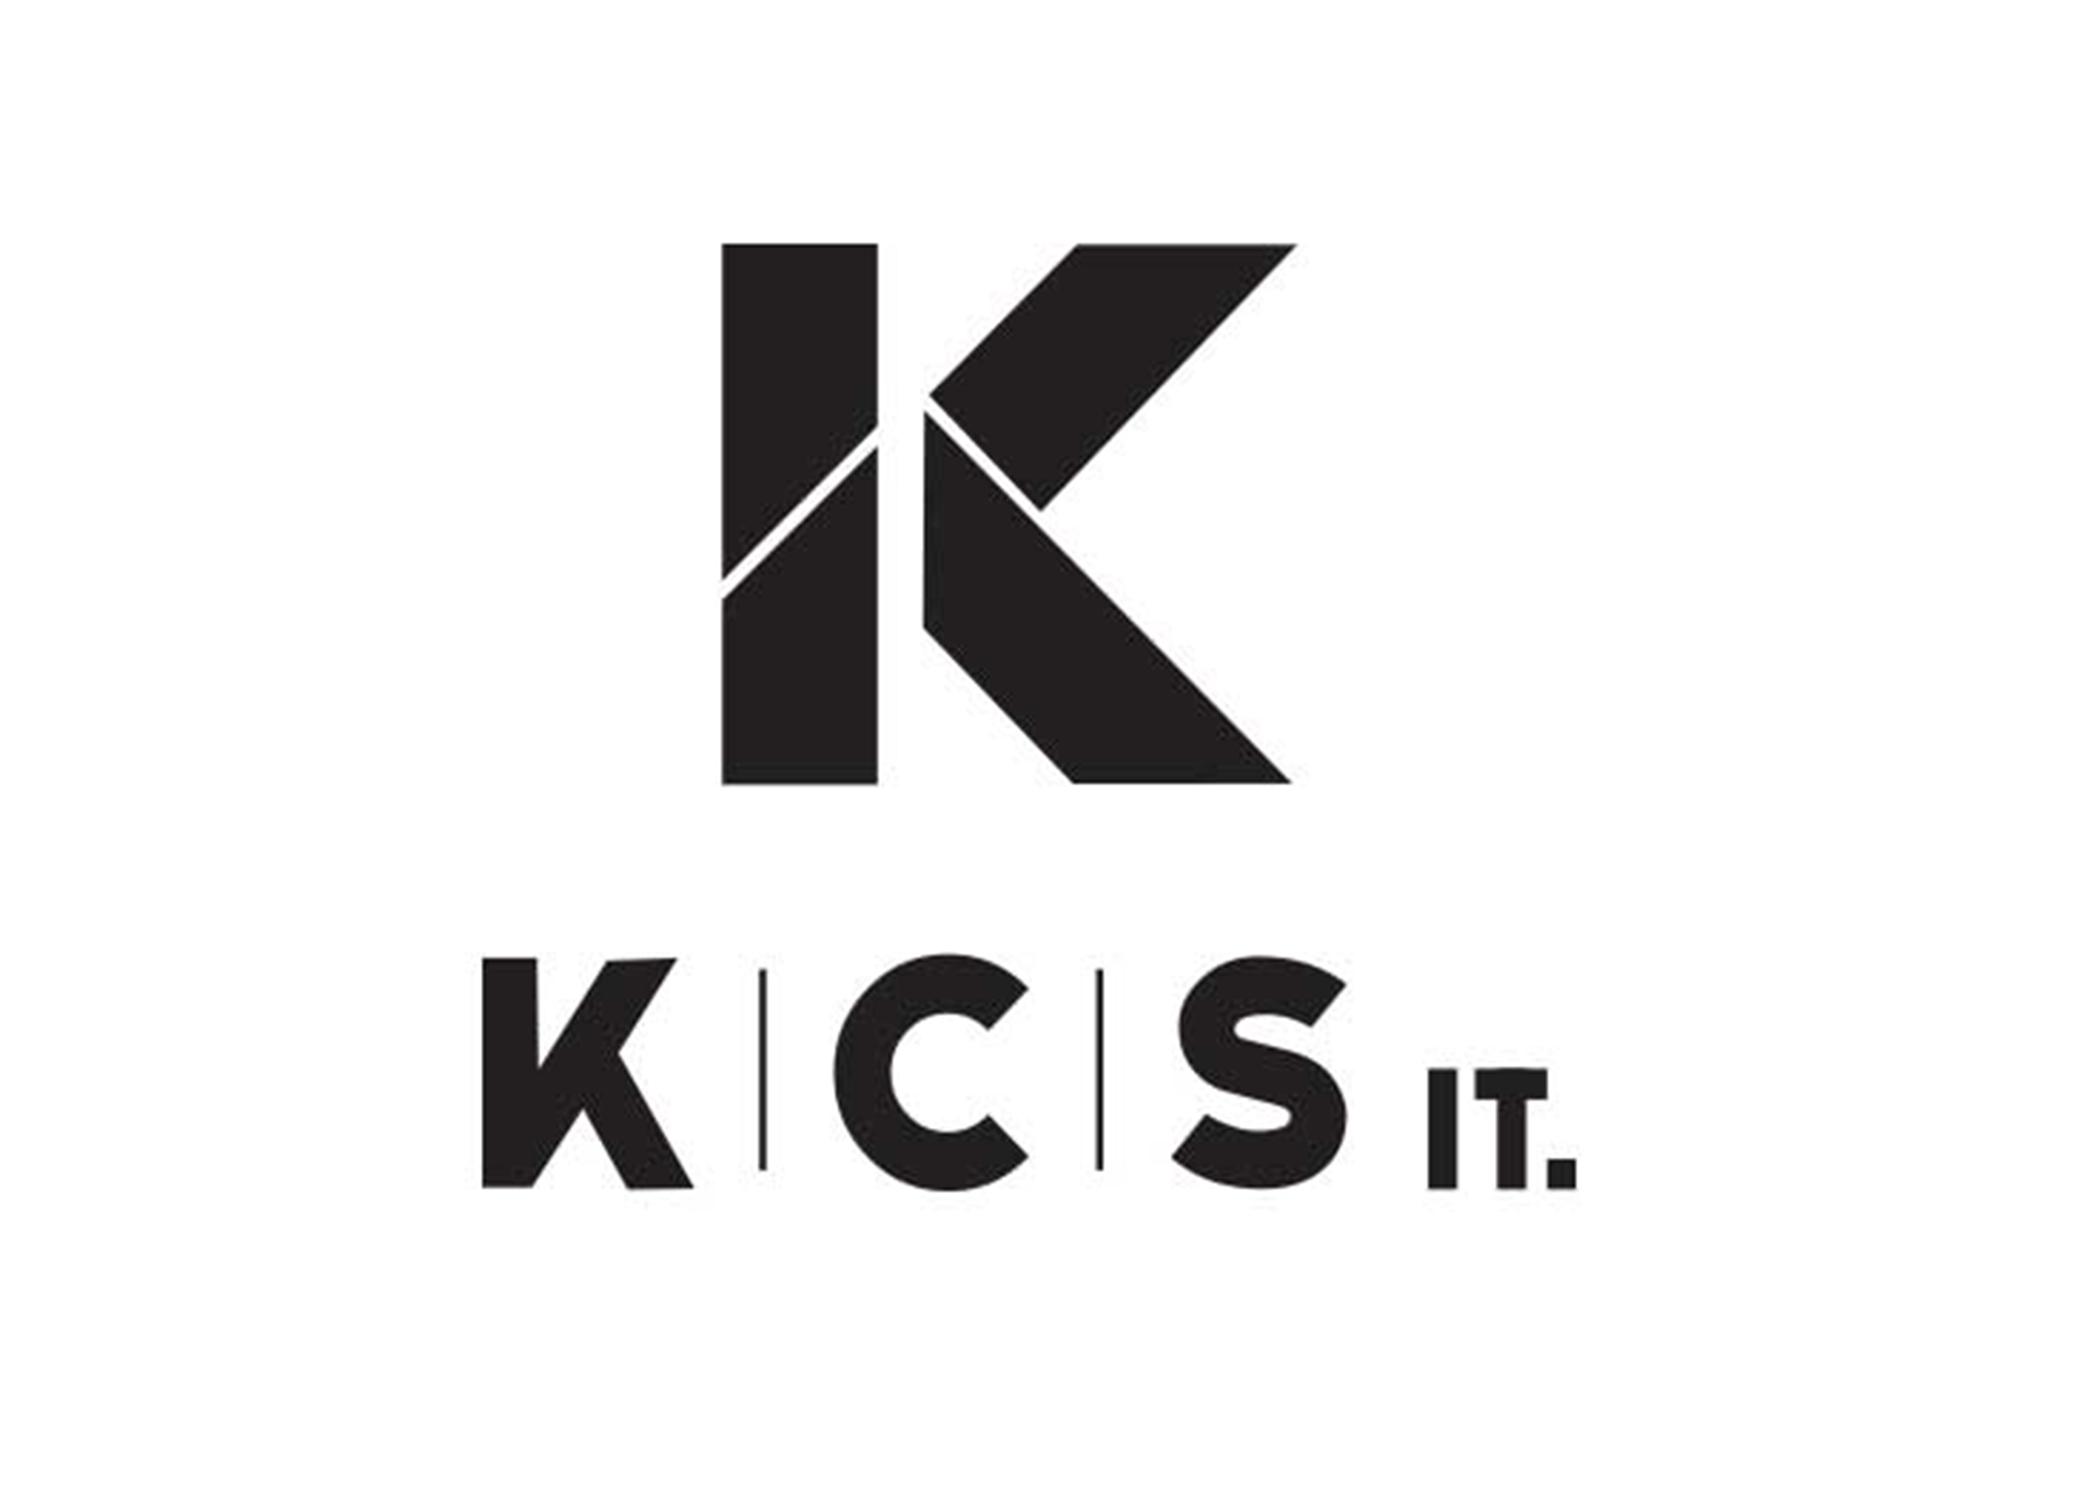 KCS IT